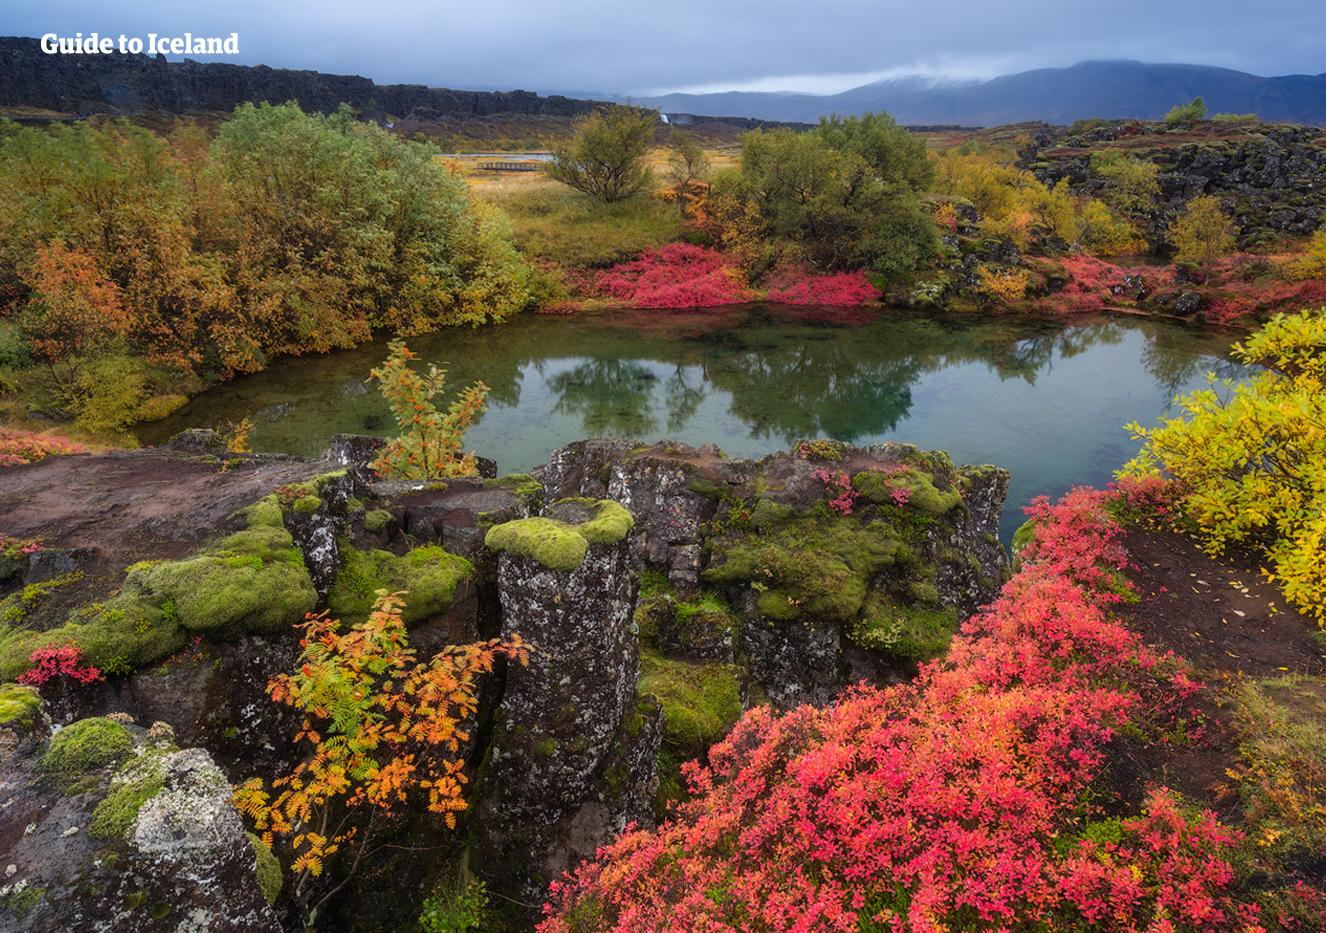 冰岛黄金圈景区的辛格维利尔国家公园,夏季时显得格外葱翠